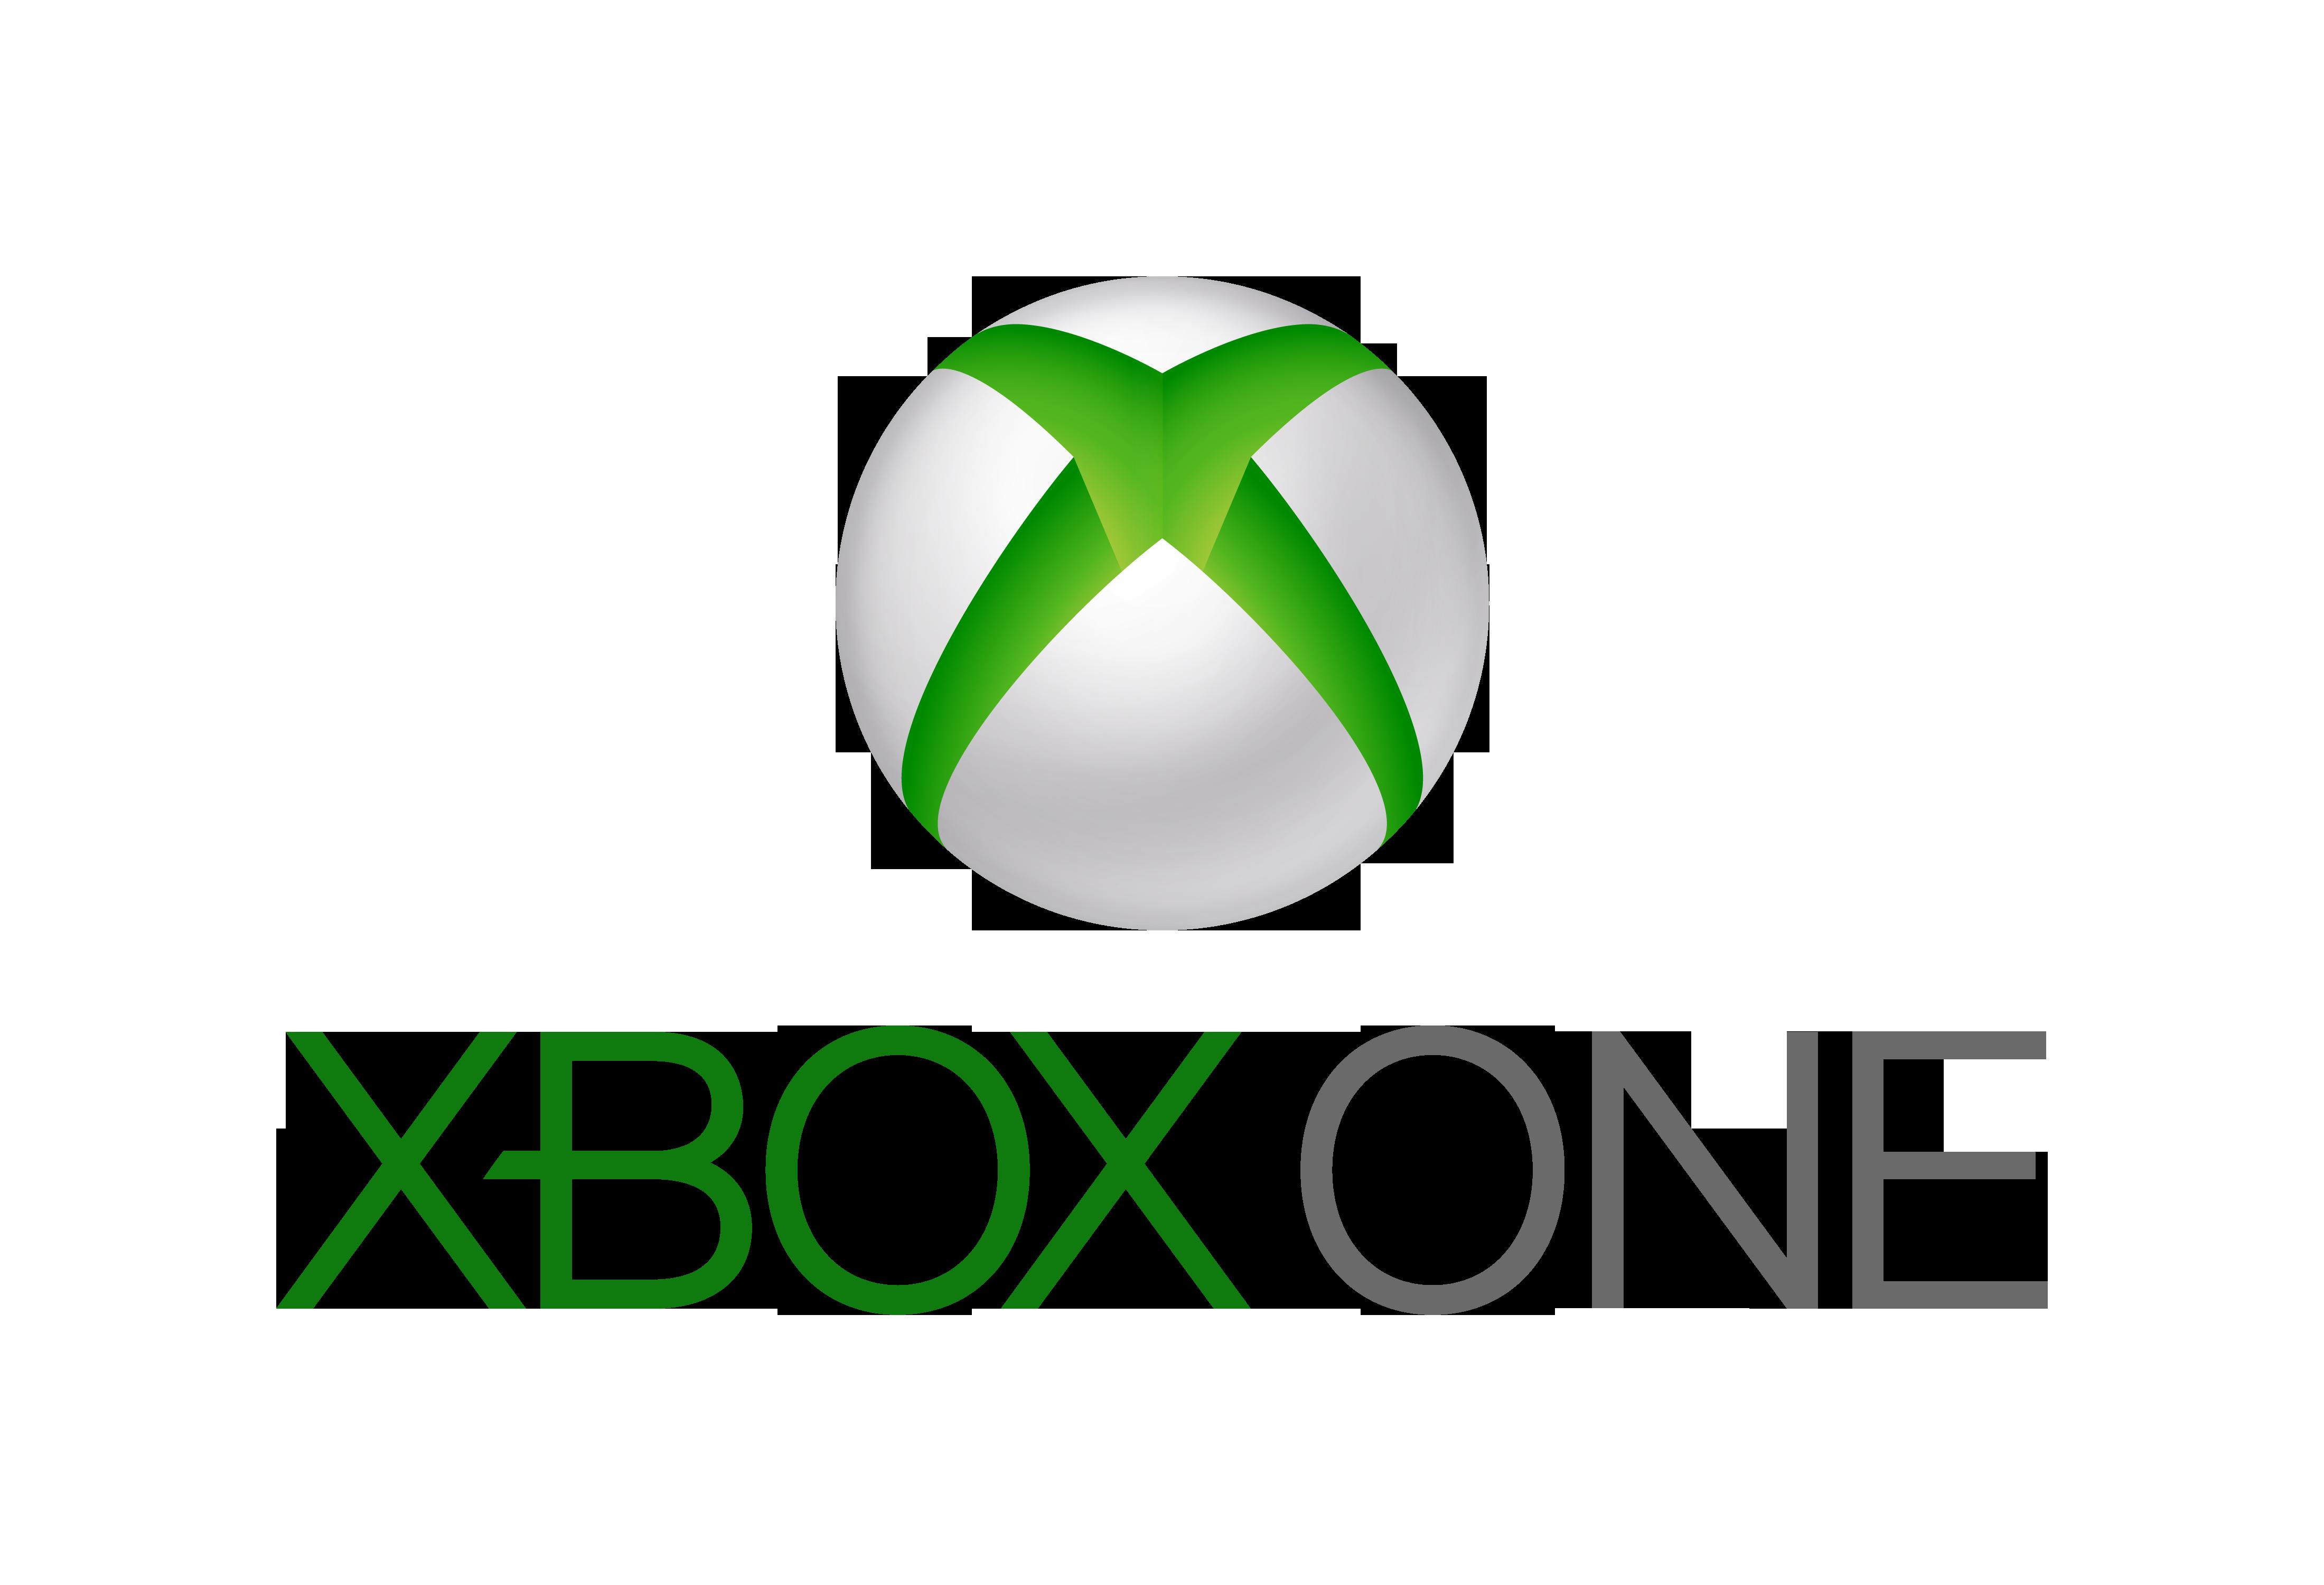 Não há mais truques ou idiotas - reputação no Xbox One